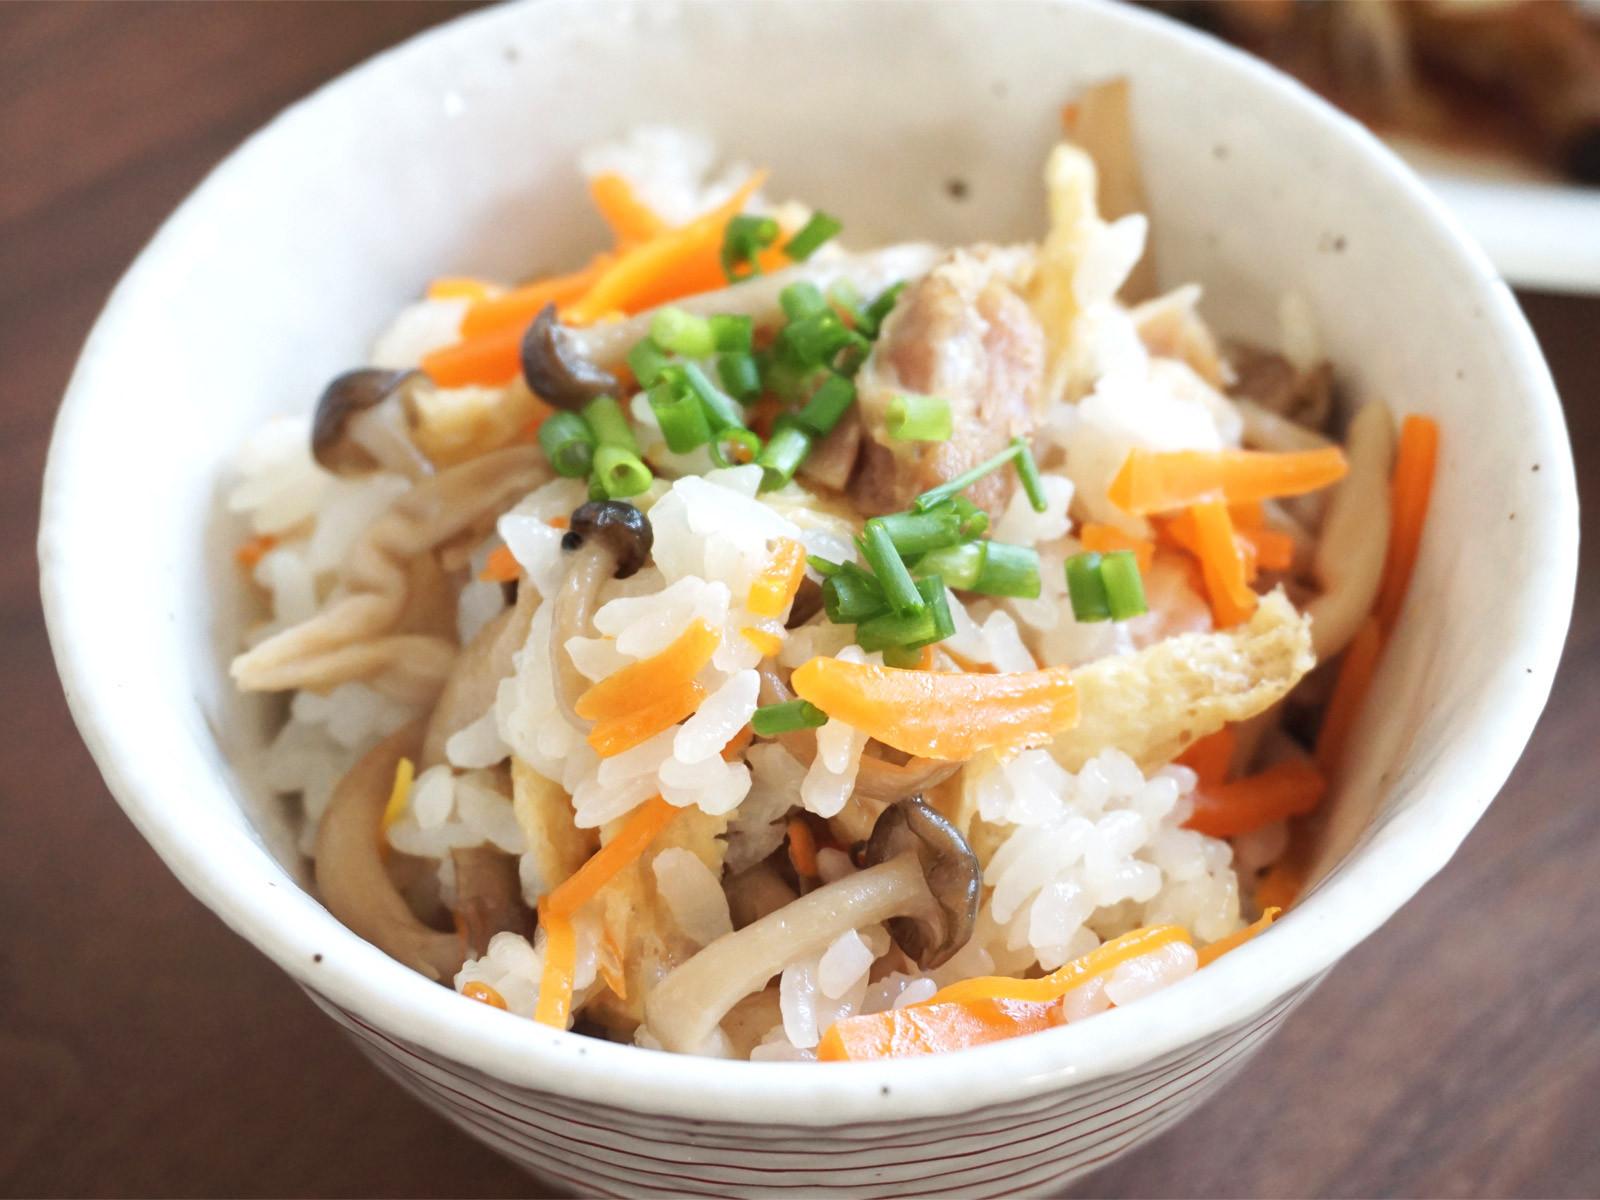 炊き込みご飯は無限大!各種炊き込みご飯の素敵なカロリーまとめのサムネイル画像